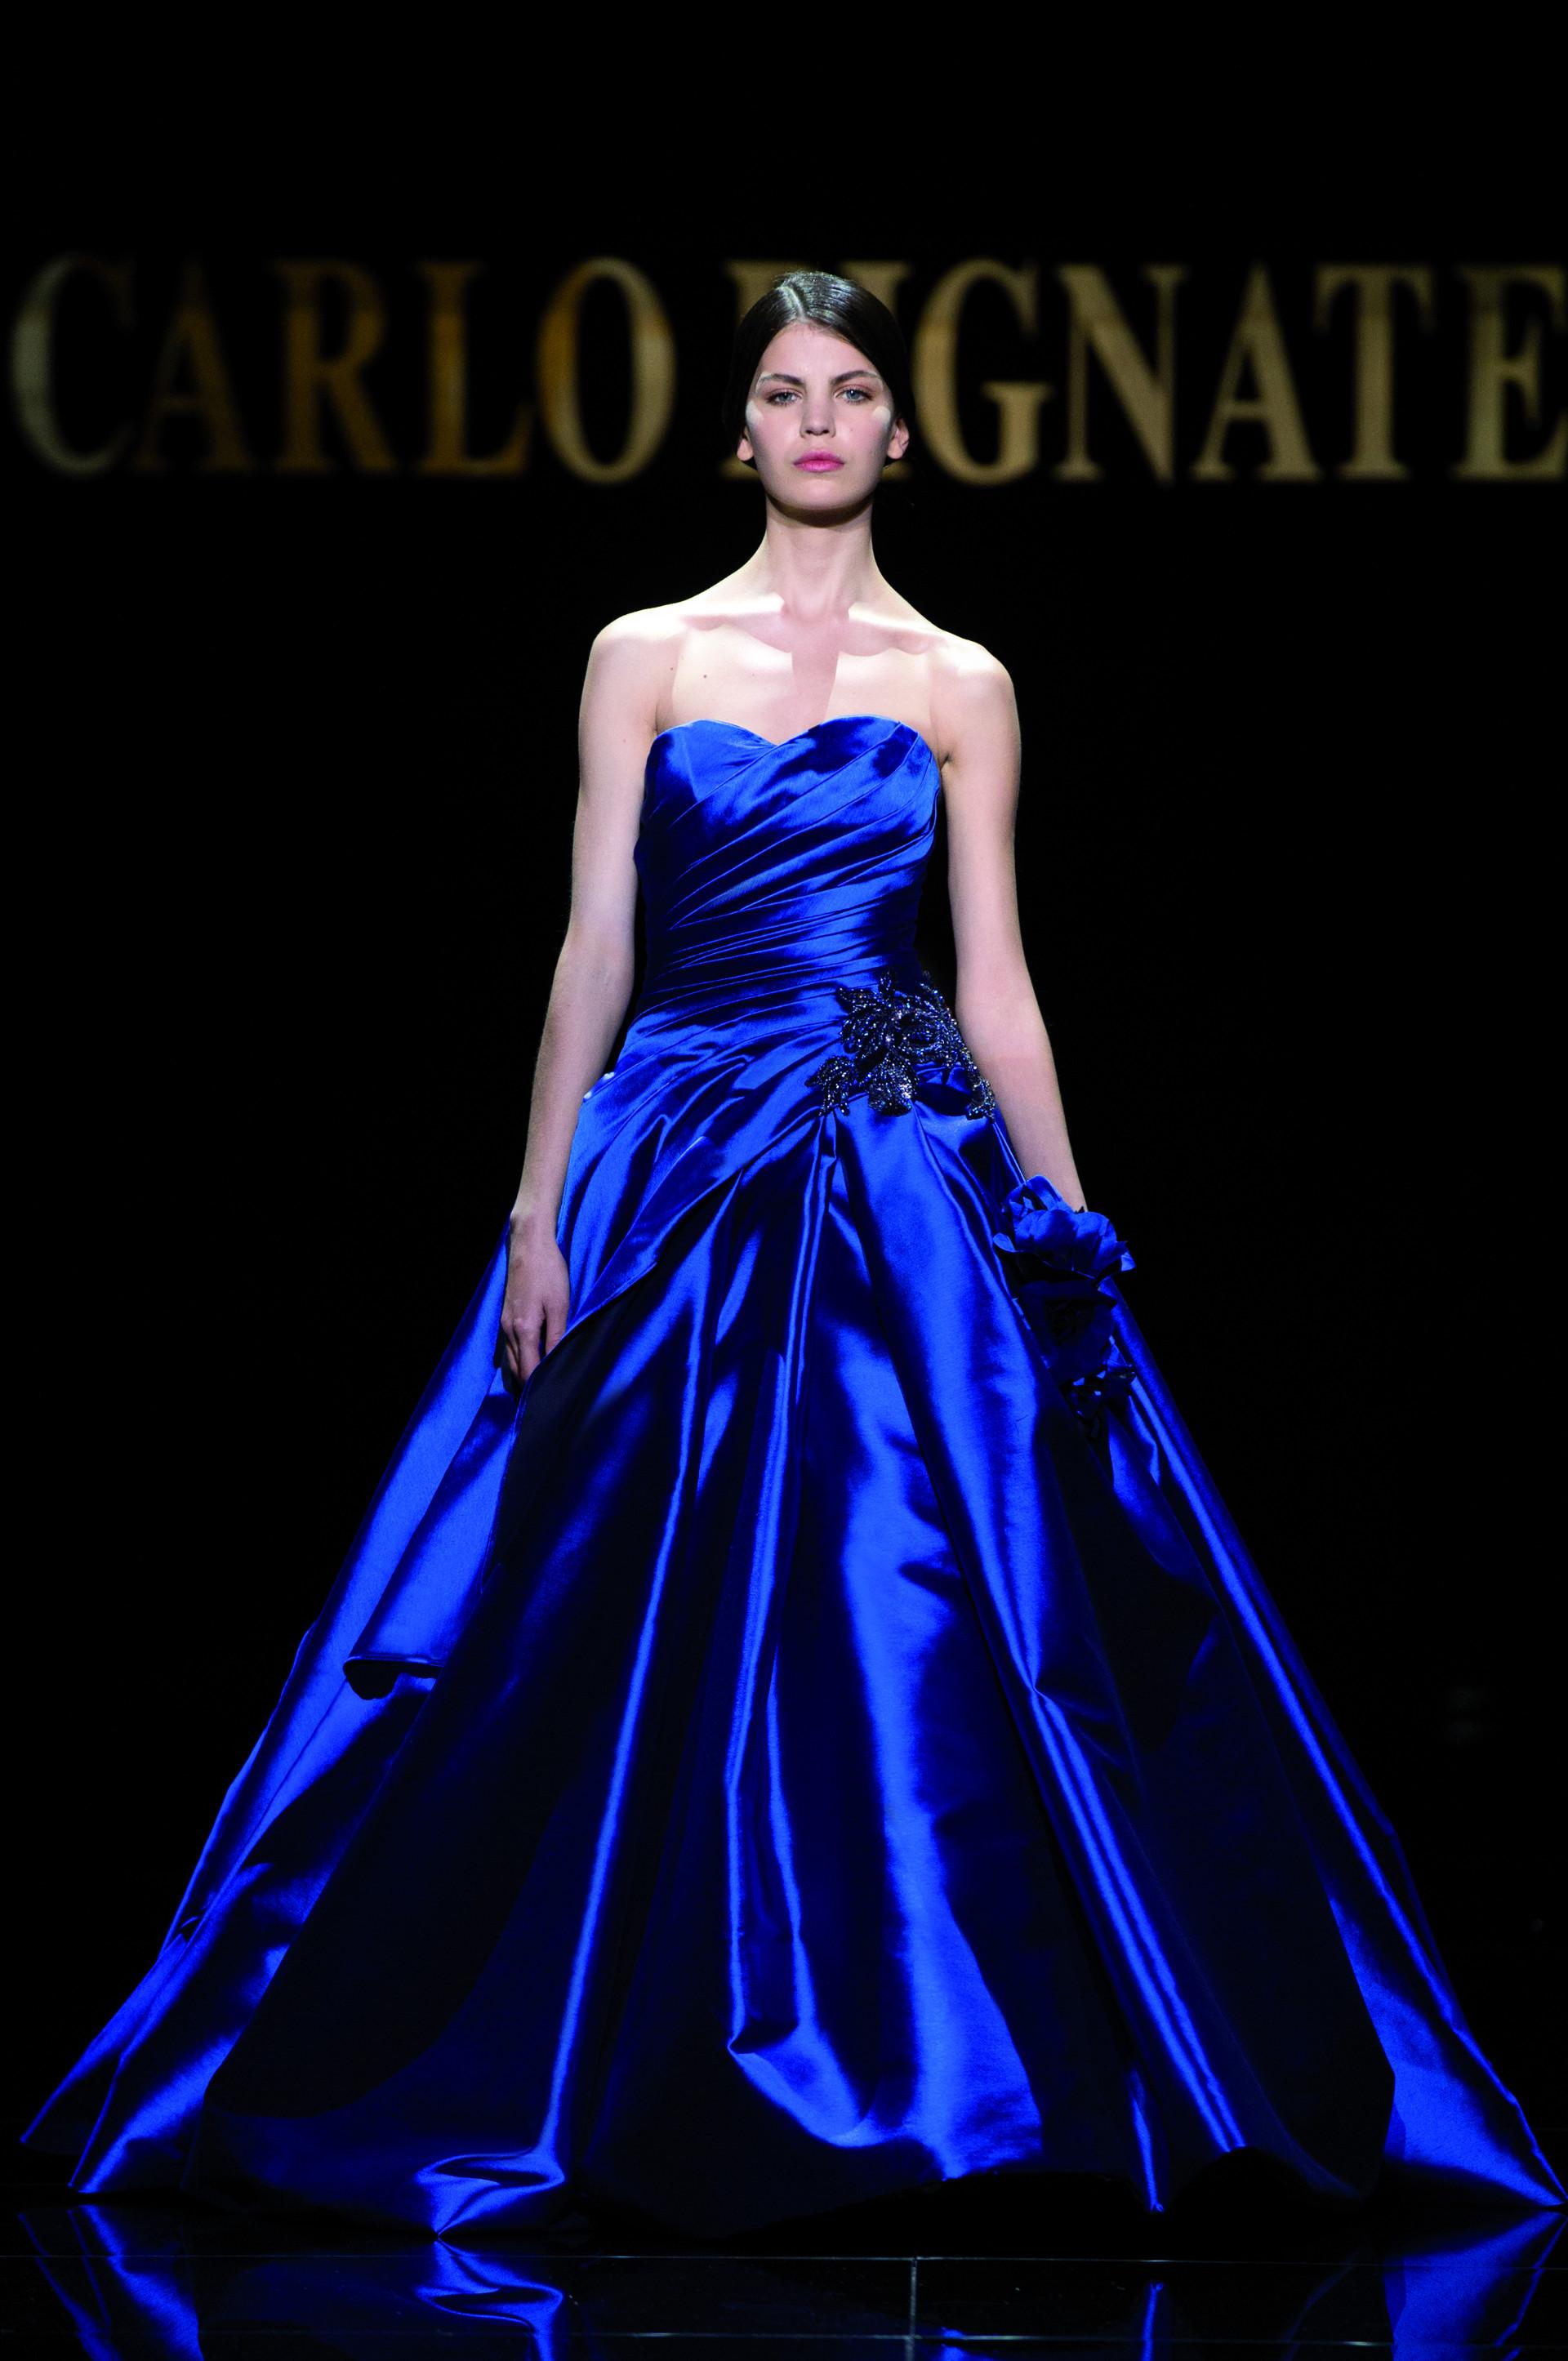 Carlo pignatelli intervista al maestro della moda sposa e for Intervista sinonimo